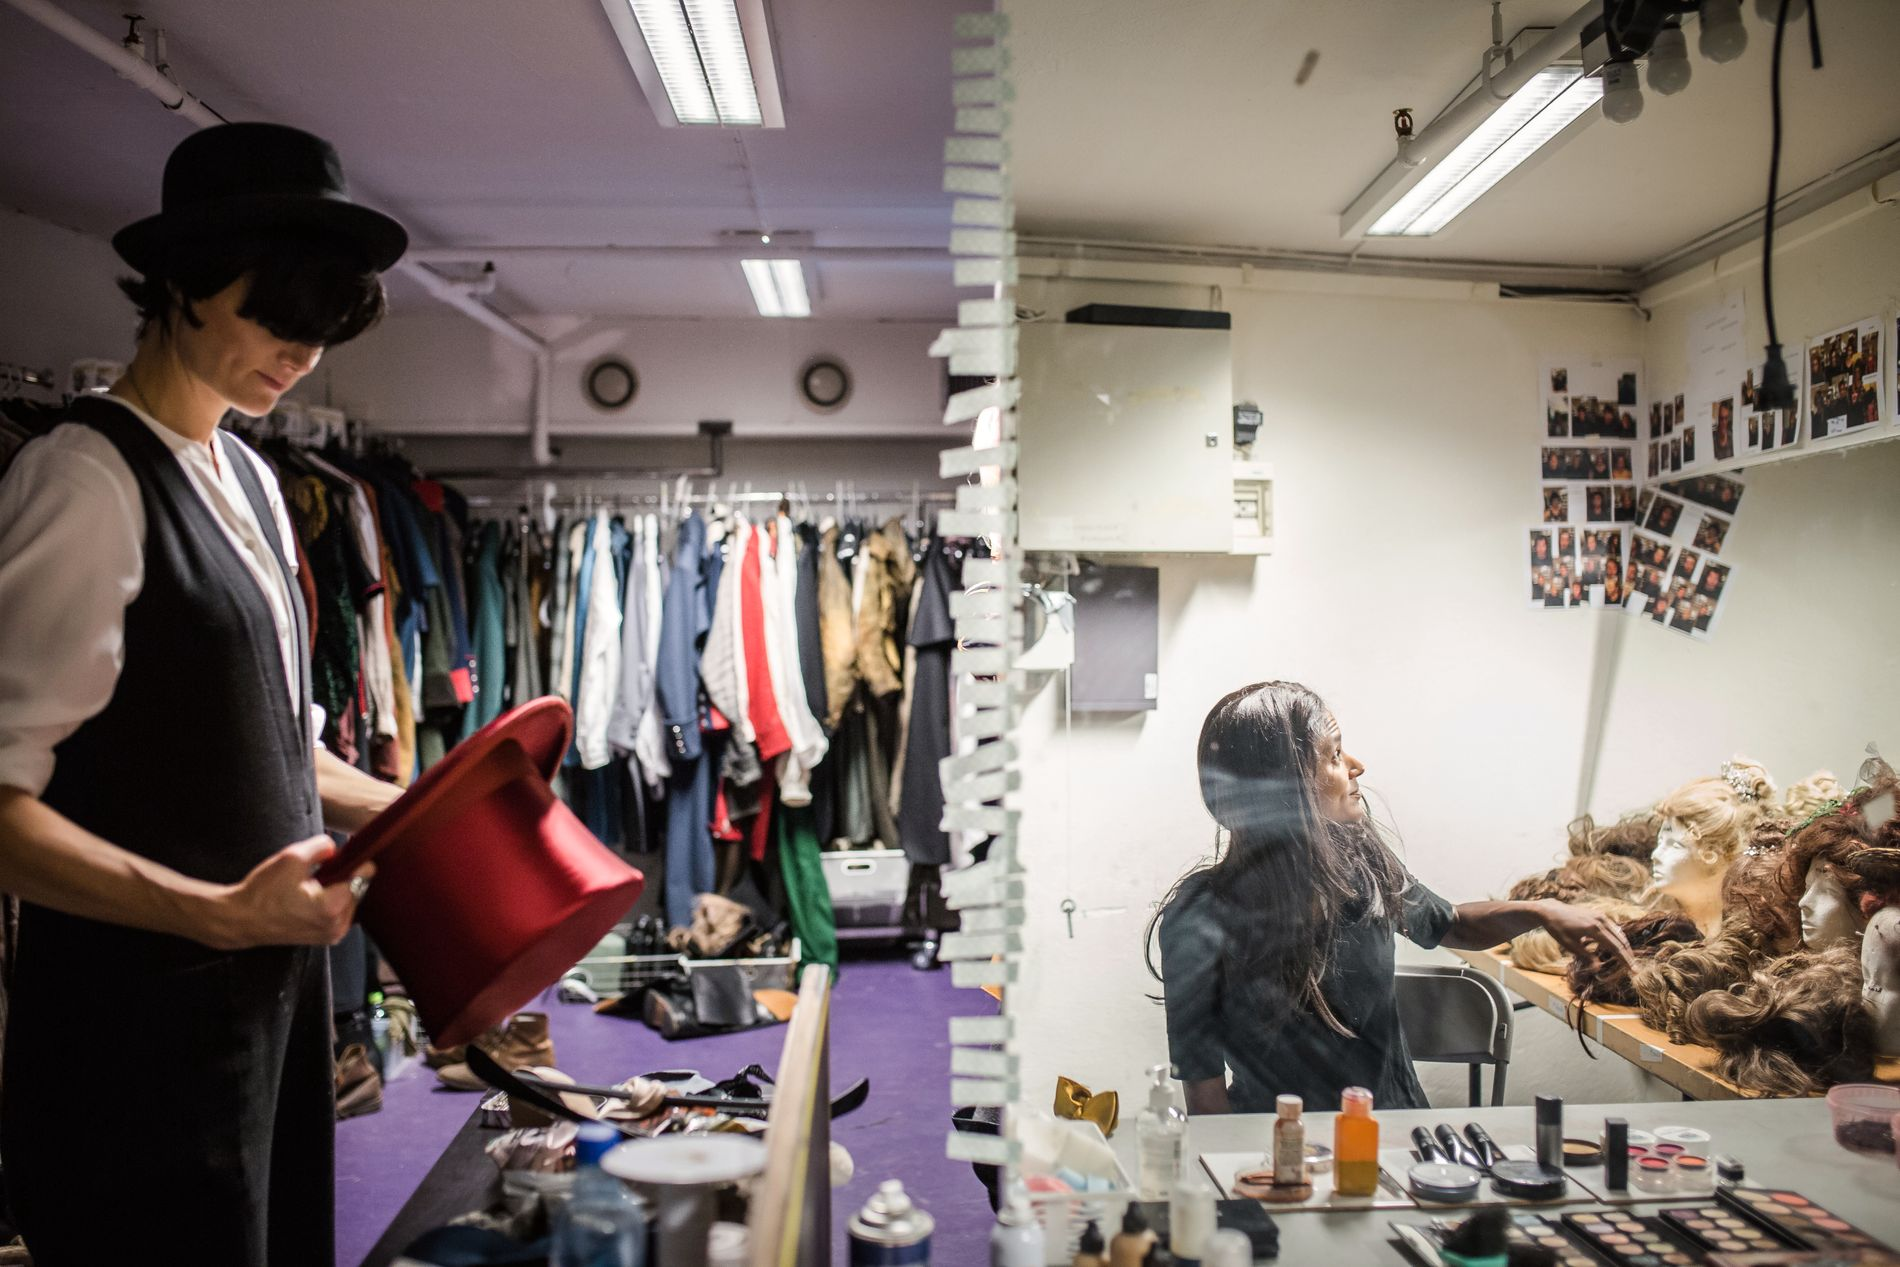 KOSTYMELAGERET: Karin Park prøver hatter og Haddy Njie parykker.